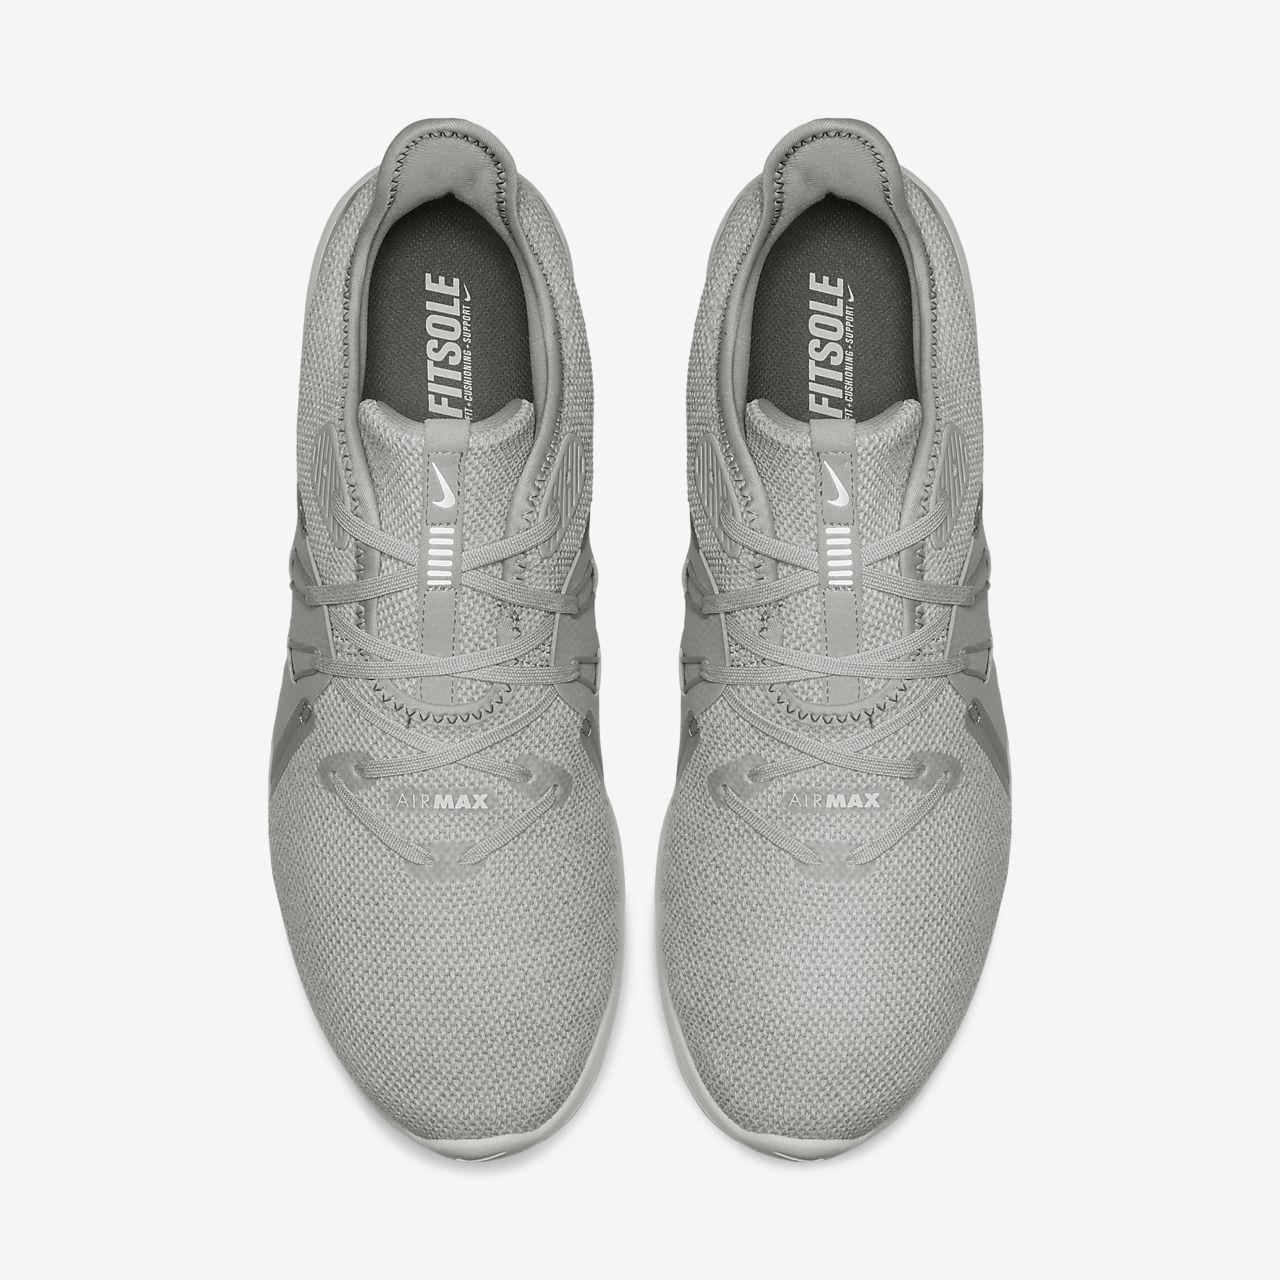 Sko Nike Air Max Sequent 3 för män